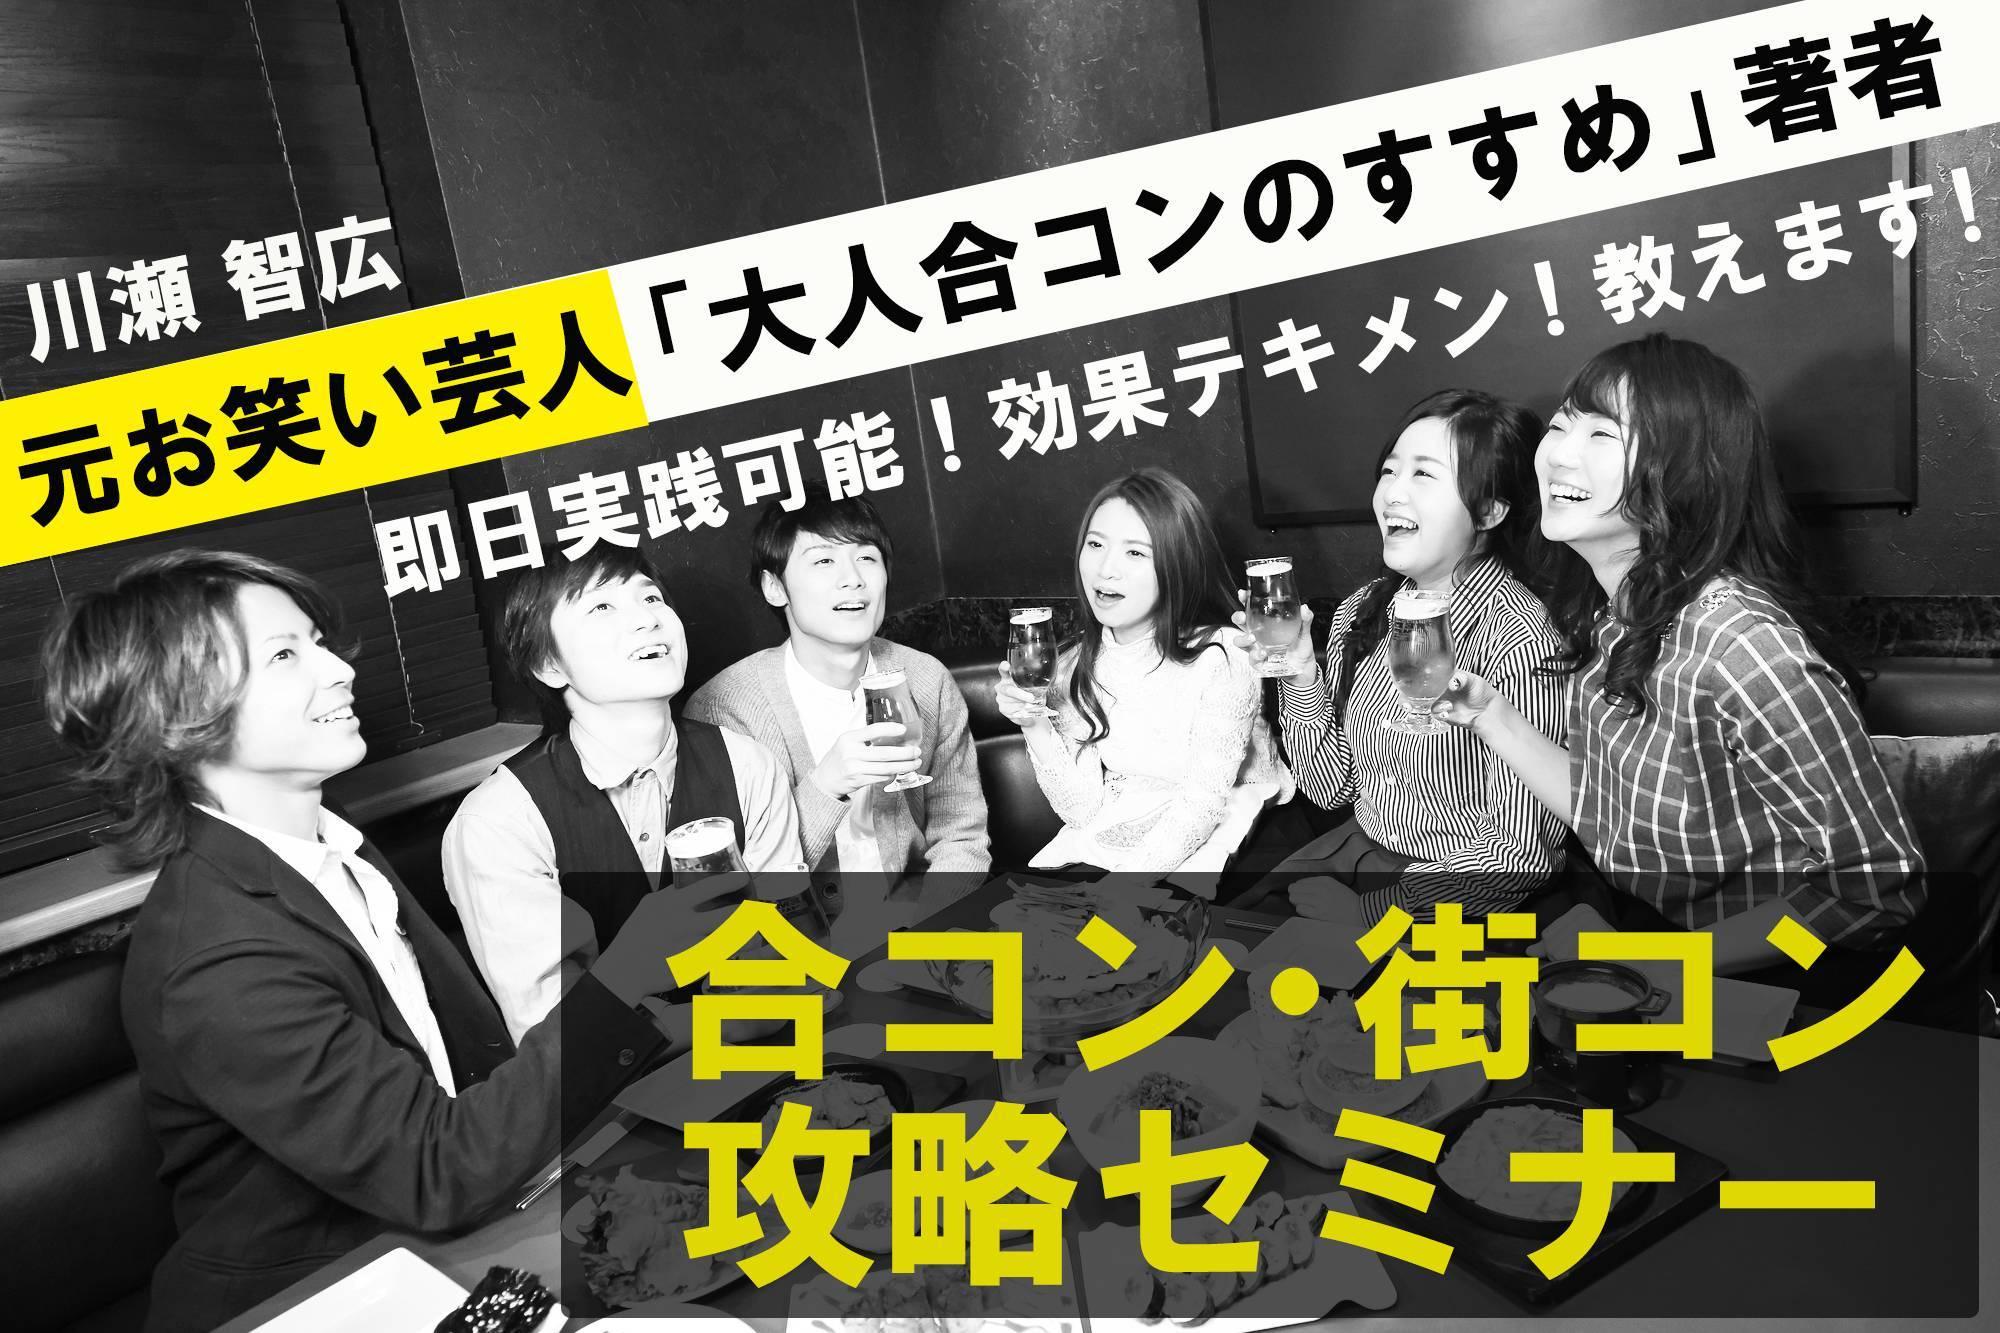 【赤坂の自分磨き】株式会社GiveGrow主催 2017年9月20日